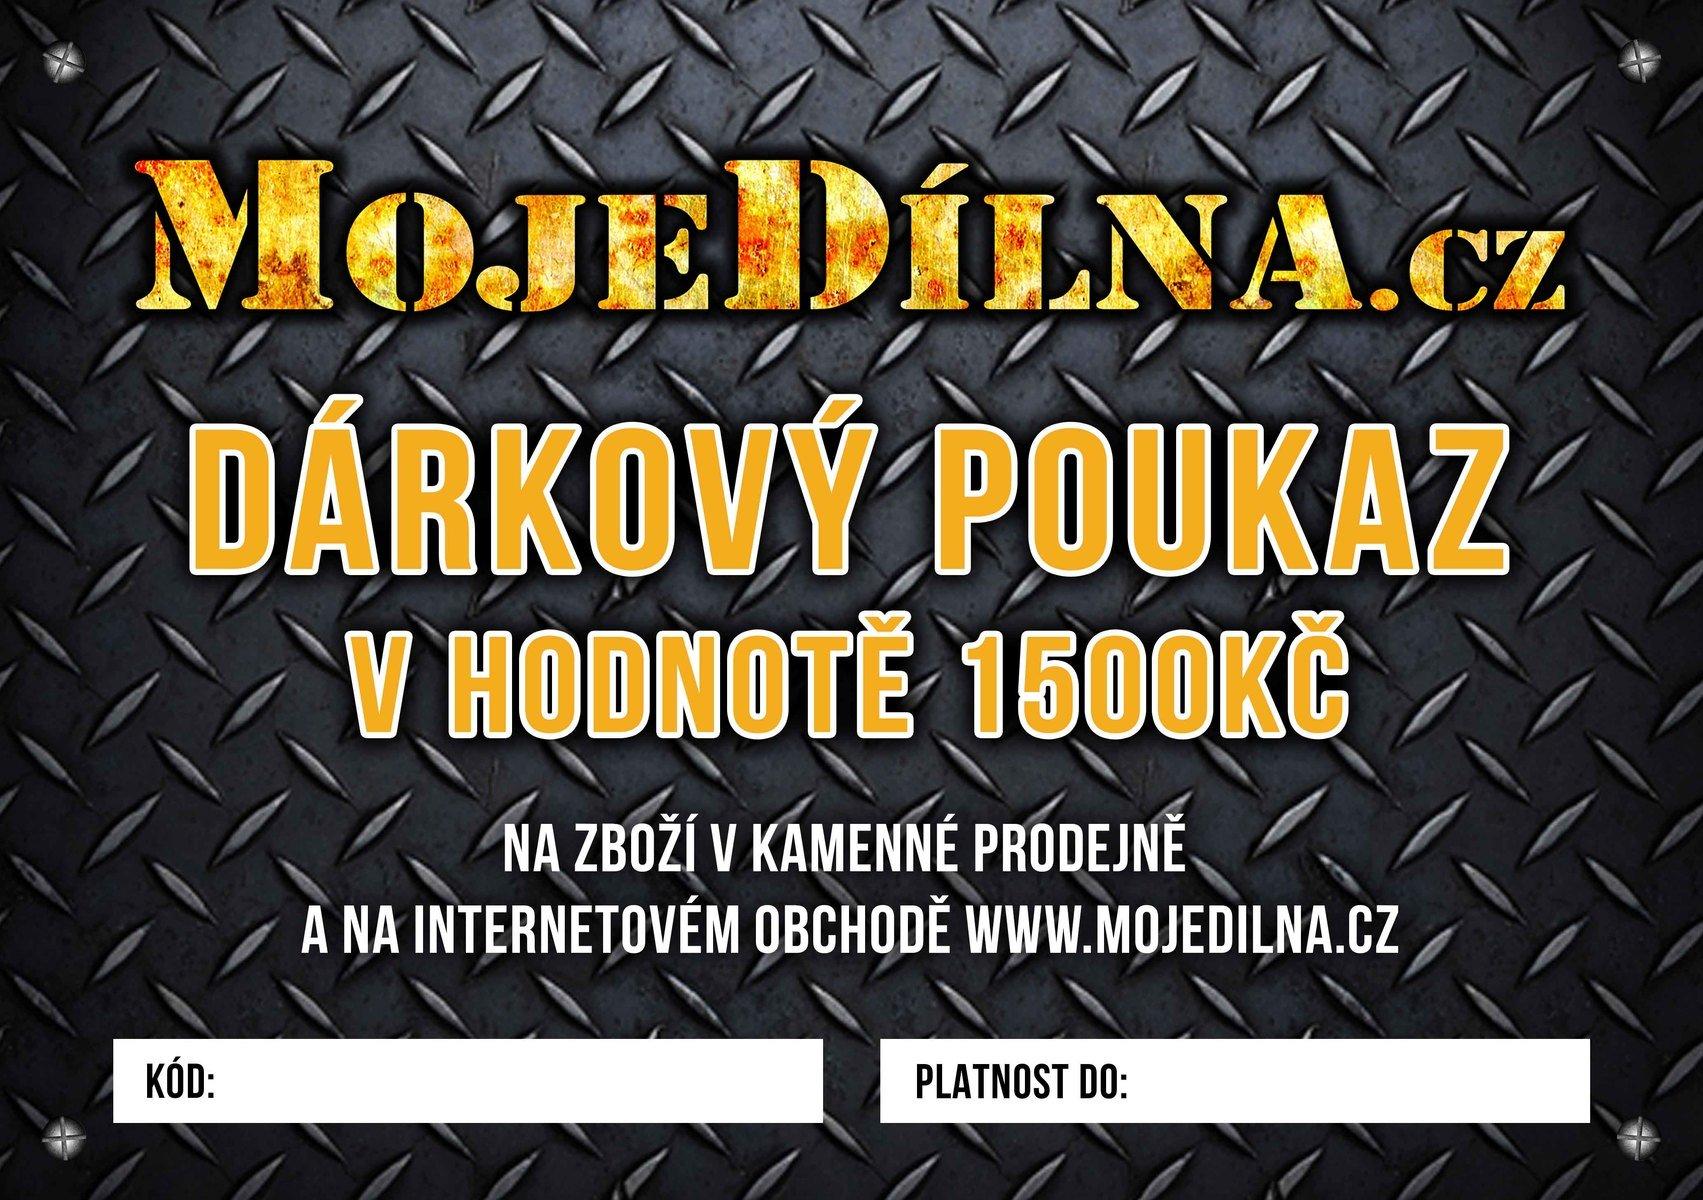 Dárkový poukaz MojeDílna.cz v hodnotě 1500 Kč - online, platba předem